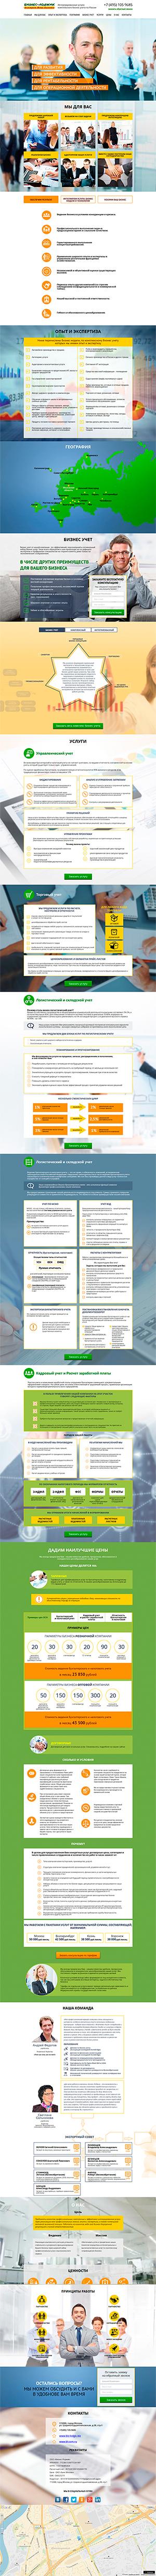 Landing page c анимацией и с видеофонам Бизнес учет